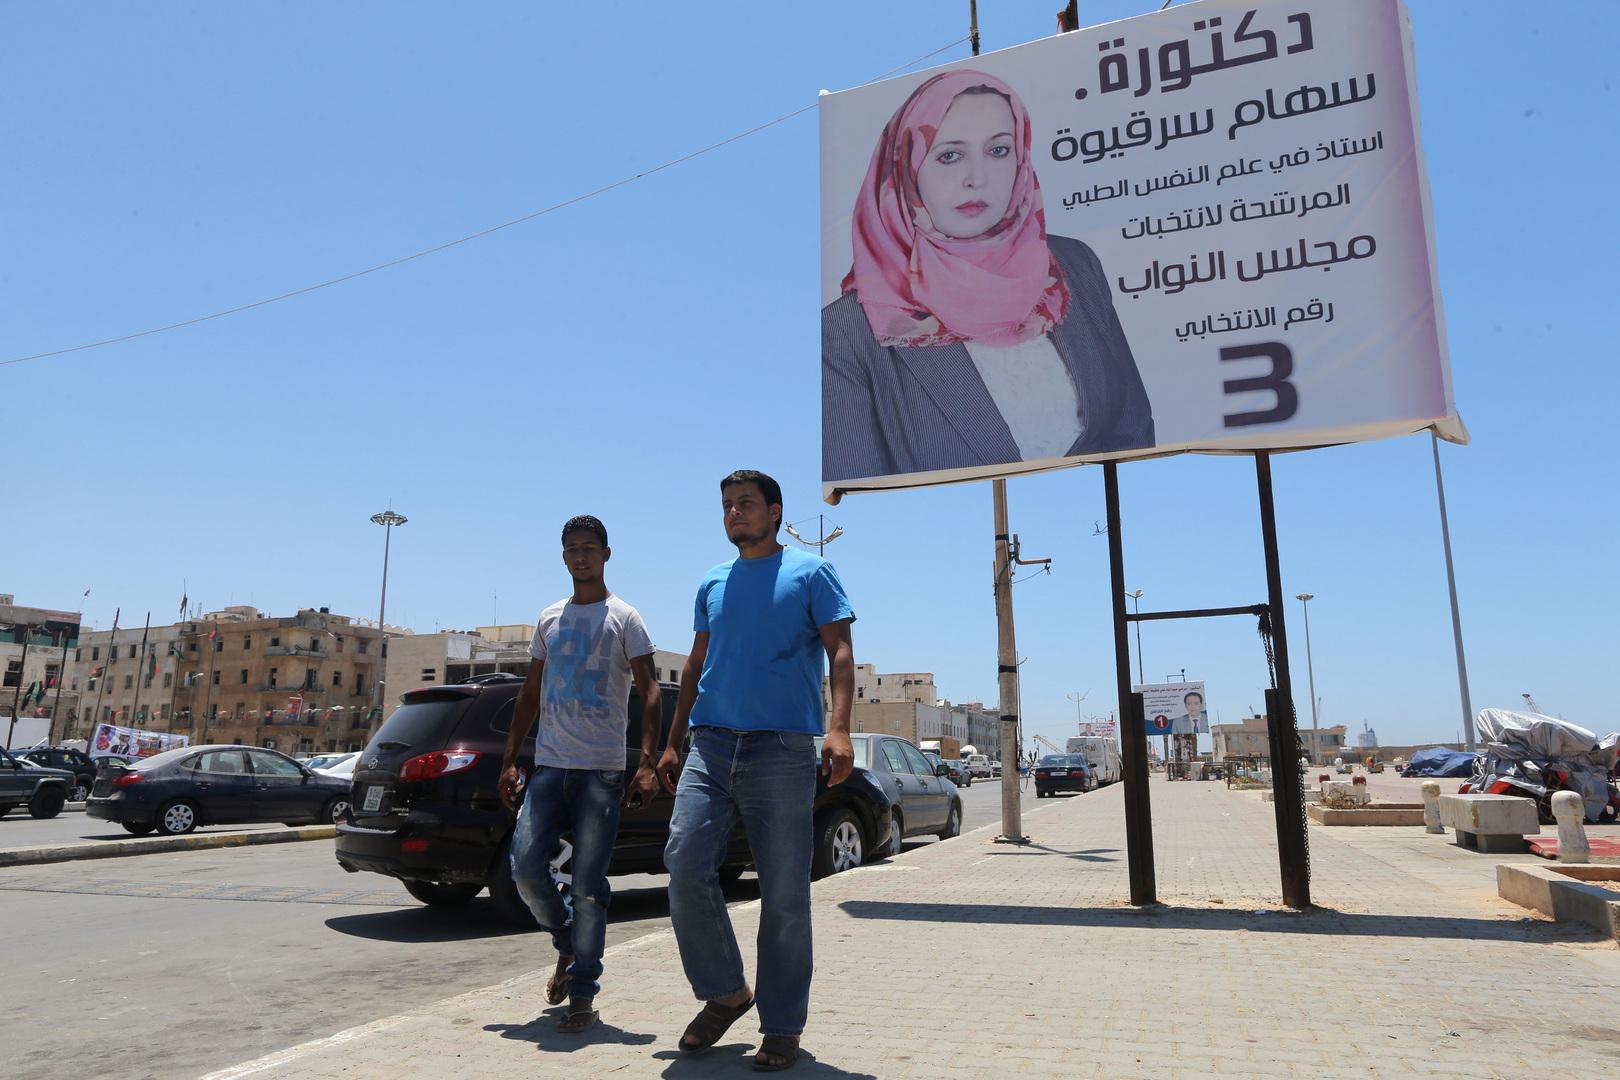 ليبيا.. دعوات أوروبية لإطلاق سراح سهام سرقيوة في الذكرى الأولى لاختطافها